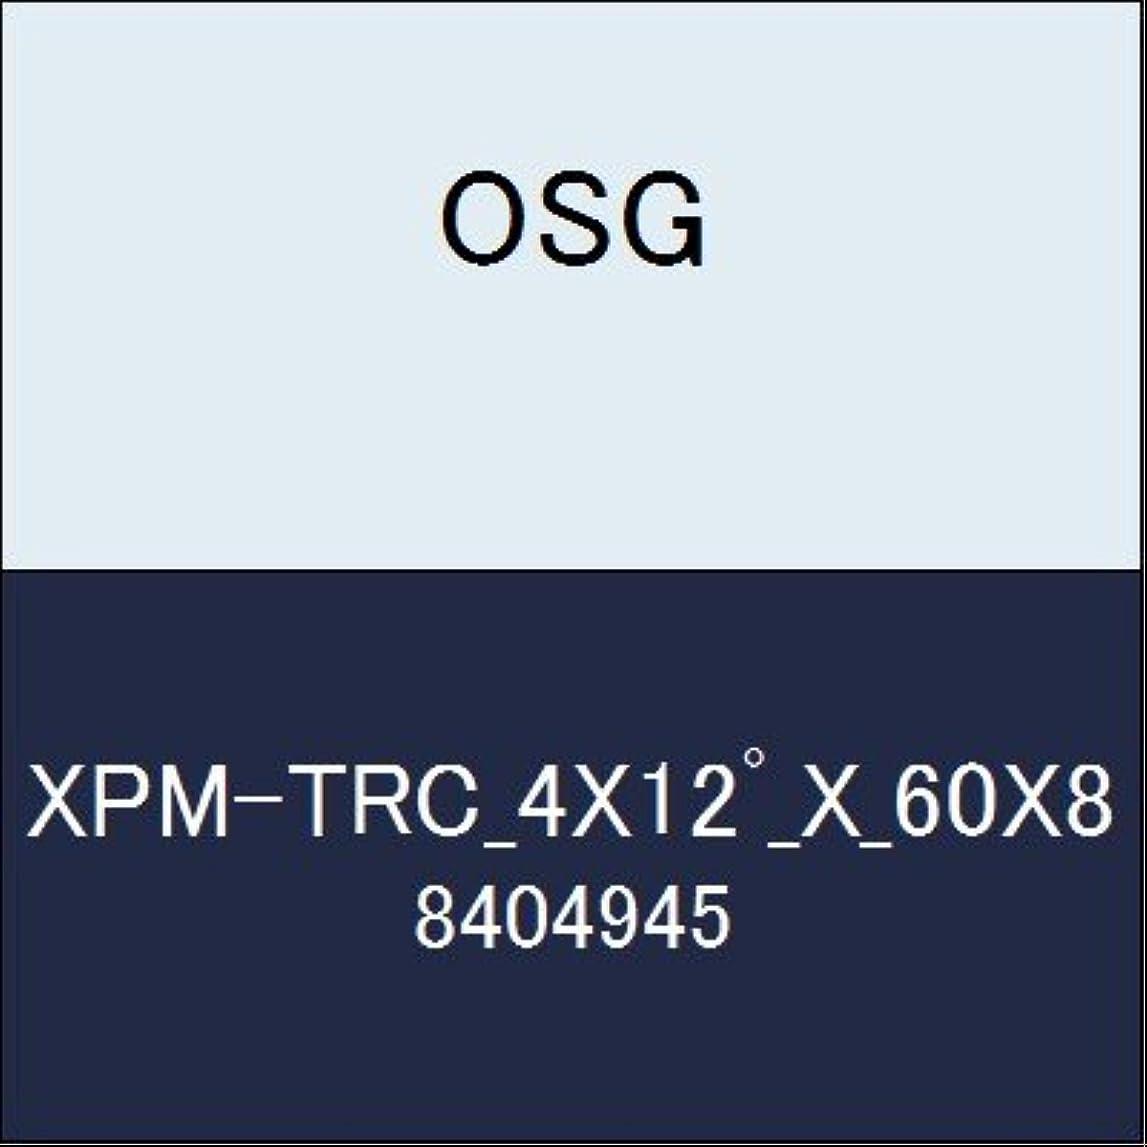 アーネストシャクルトンアクセル絶えずOSG エンドミル XPM-TRC_4X12?_X_60X8 商品番号 8404945